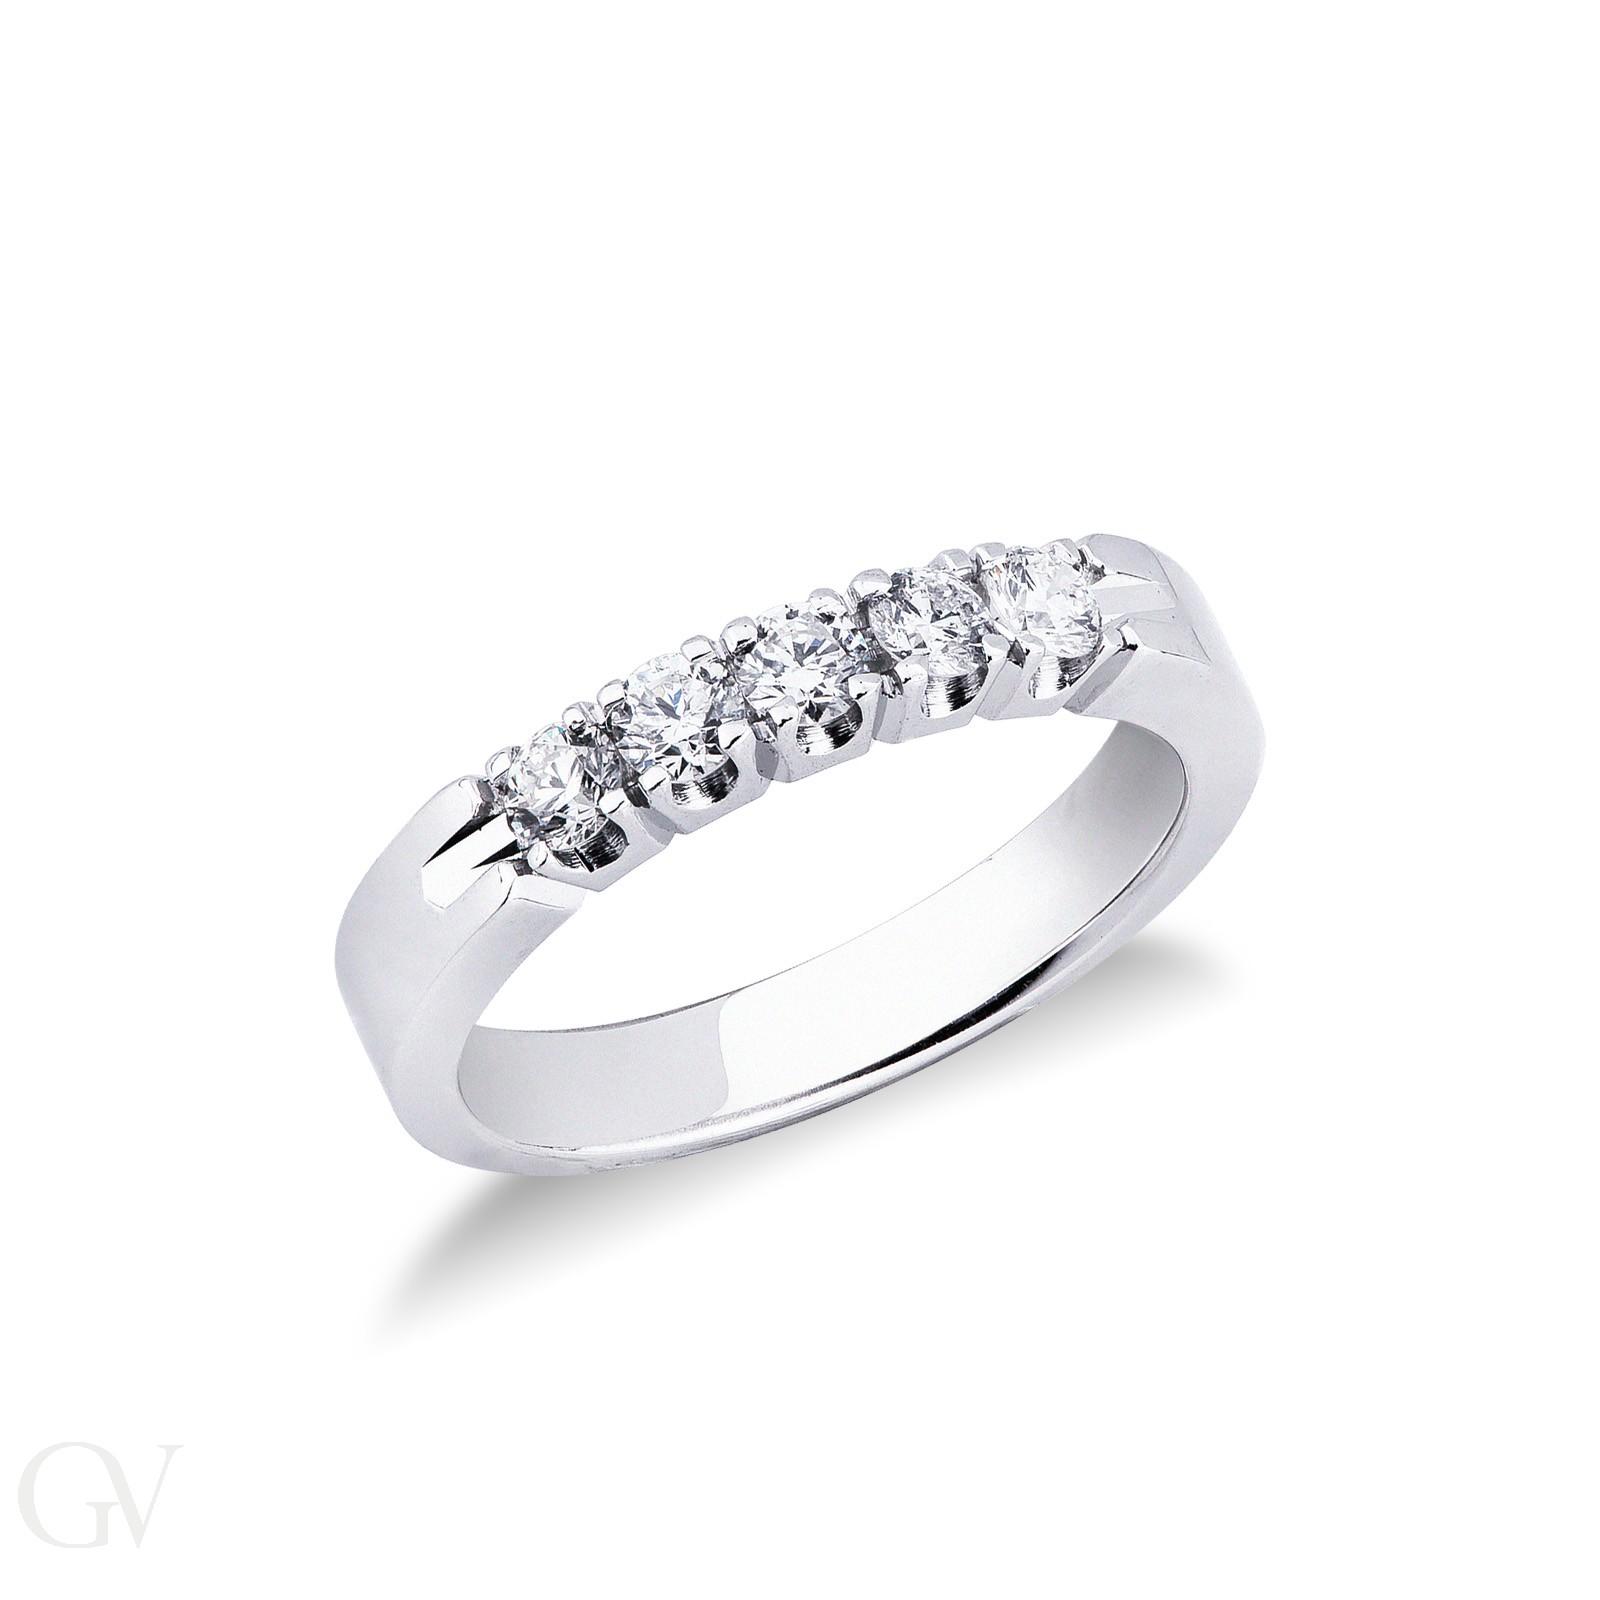 Anello Veretta a 5 pietre in Oro bianco 18k con diamanti ct. 0,50